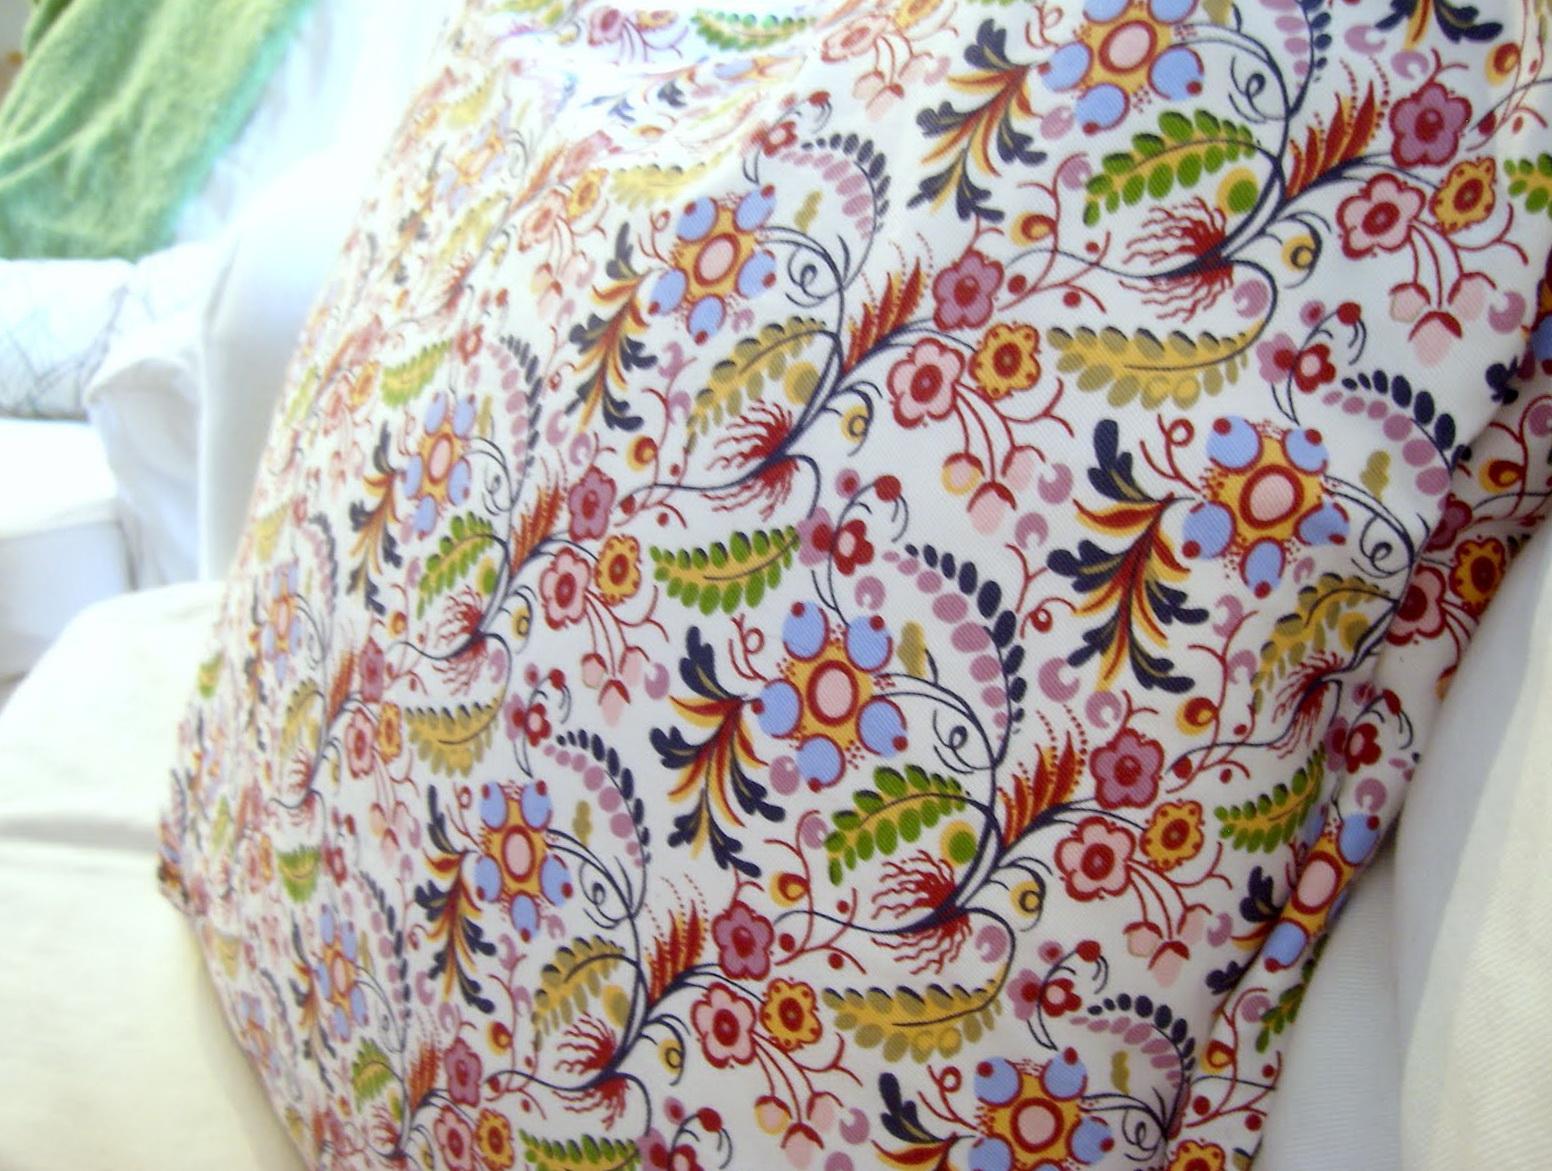 Ikea Ursula Cushion Cover